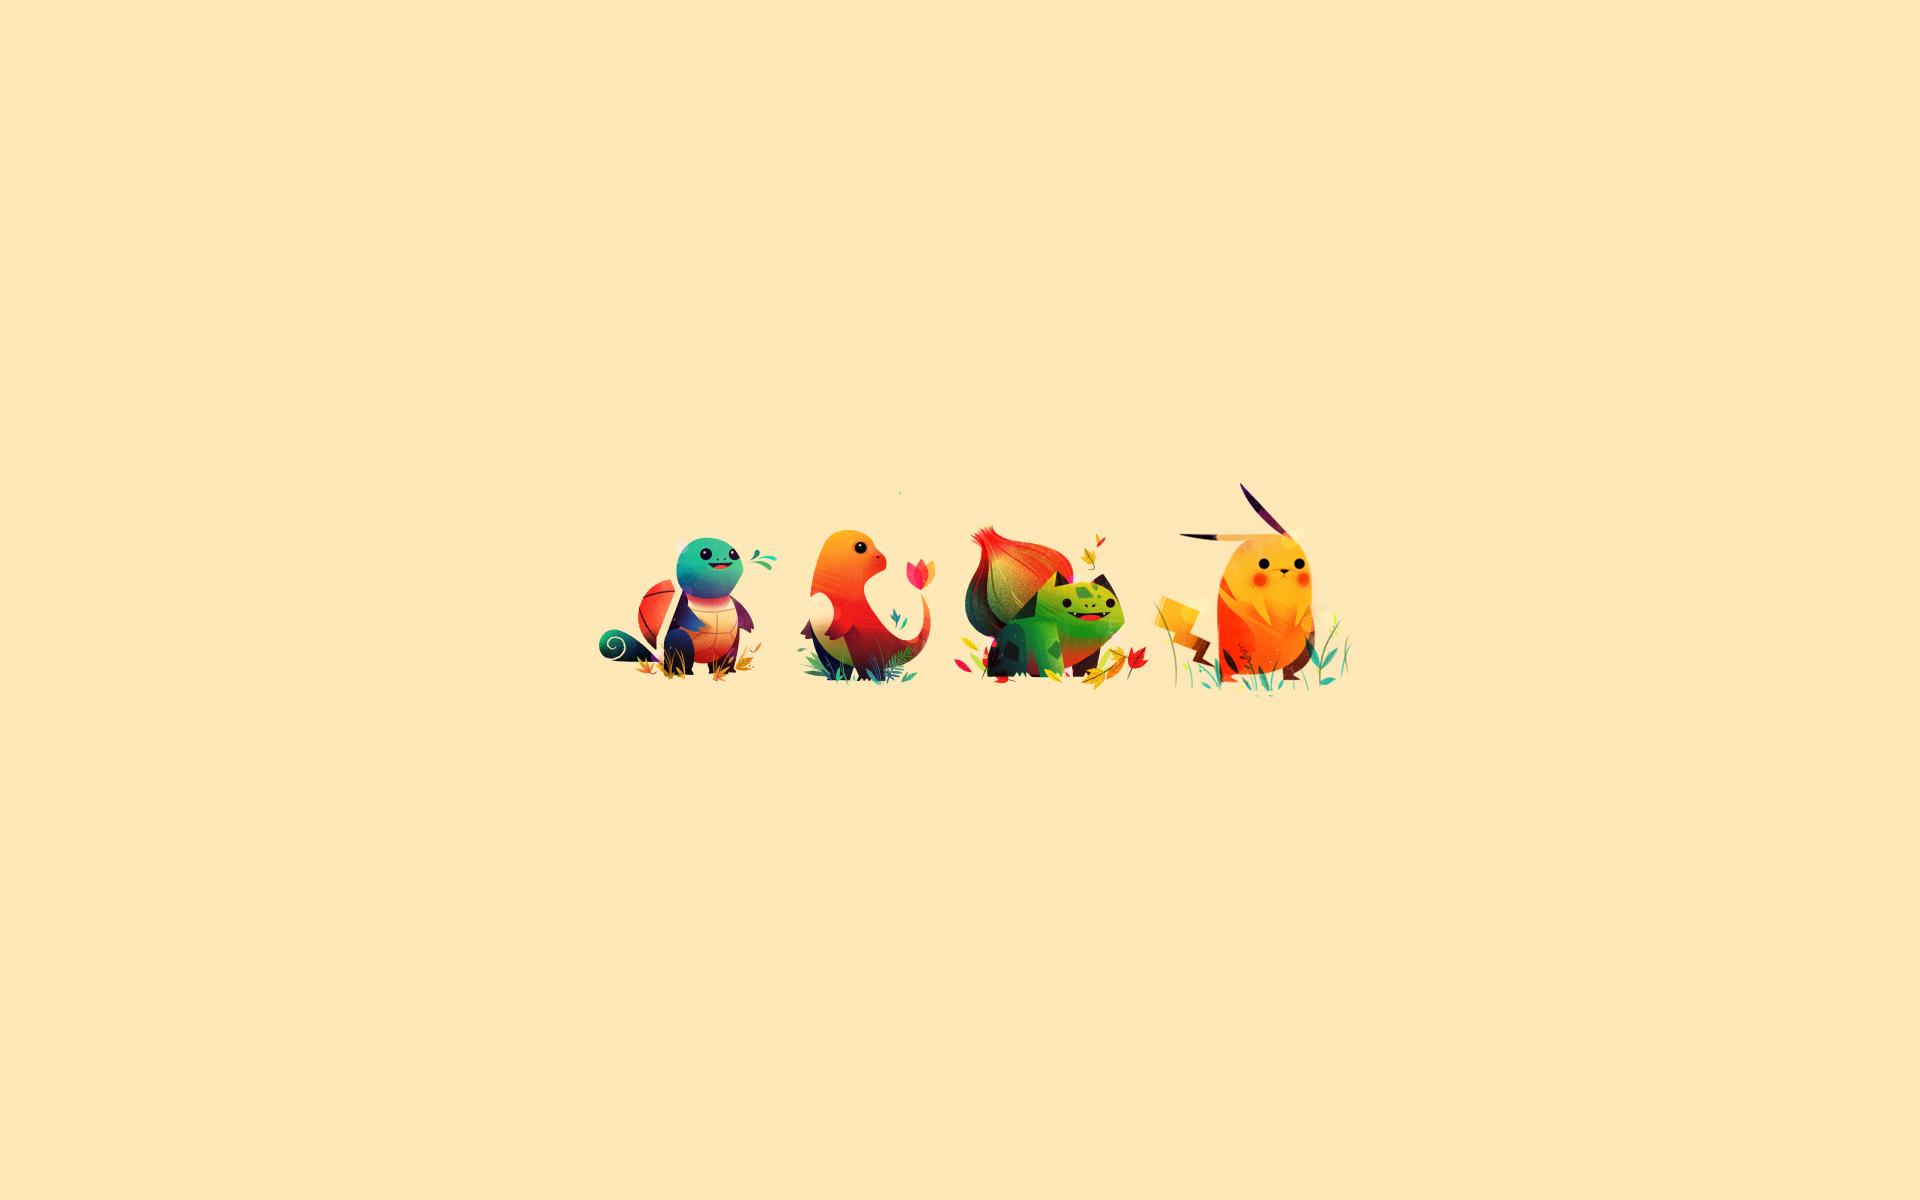 773451 Pokemon Wallpaper